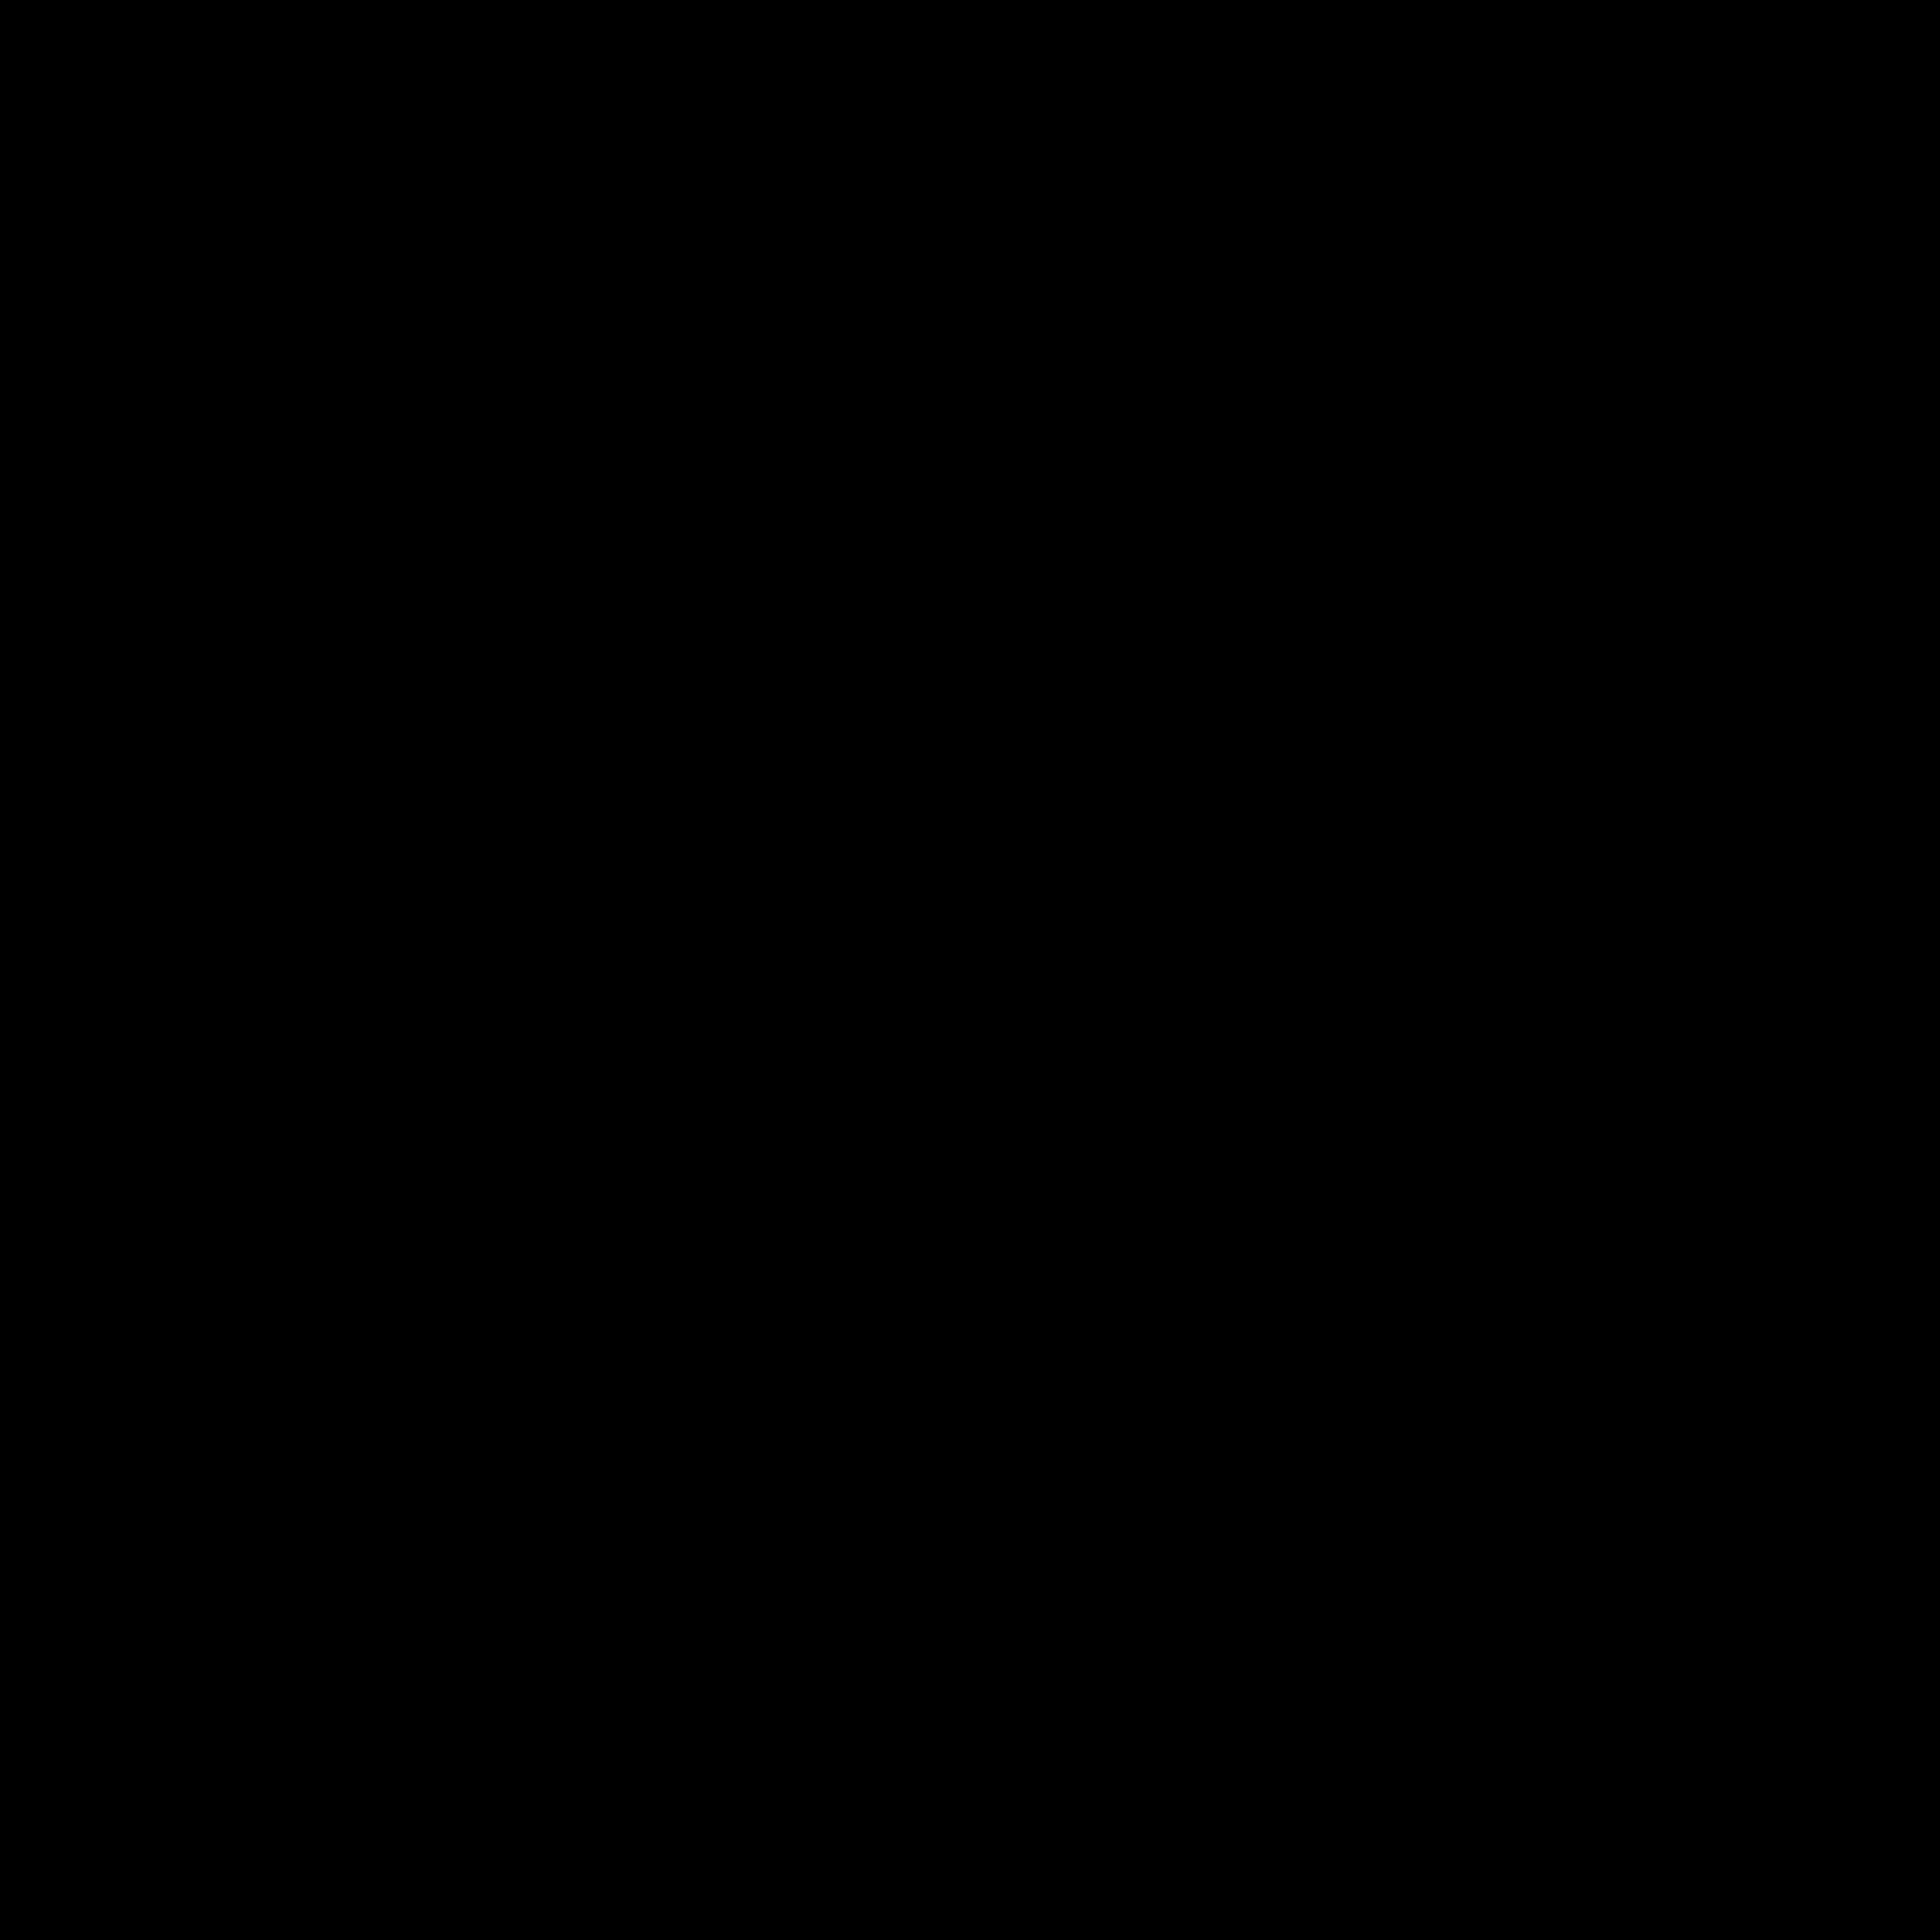 schwinn-1-logo-png-transparent.png